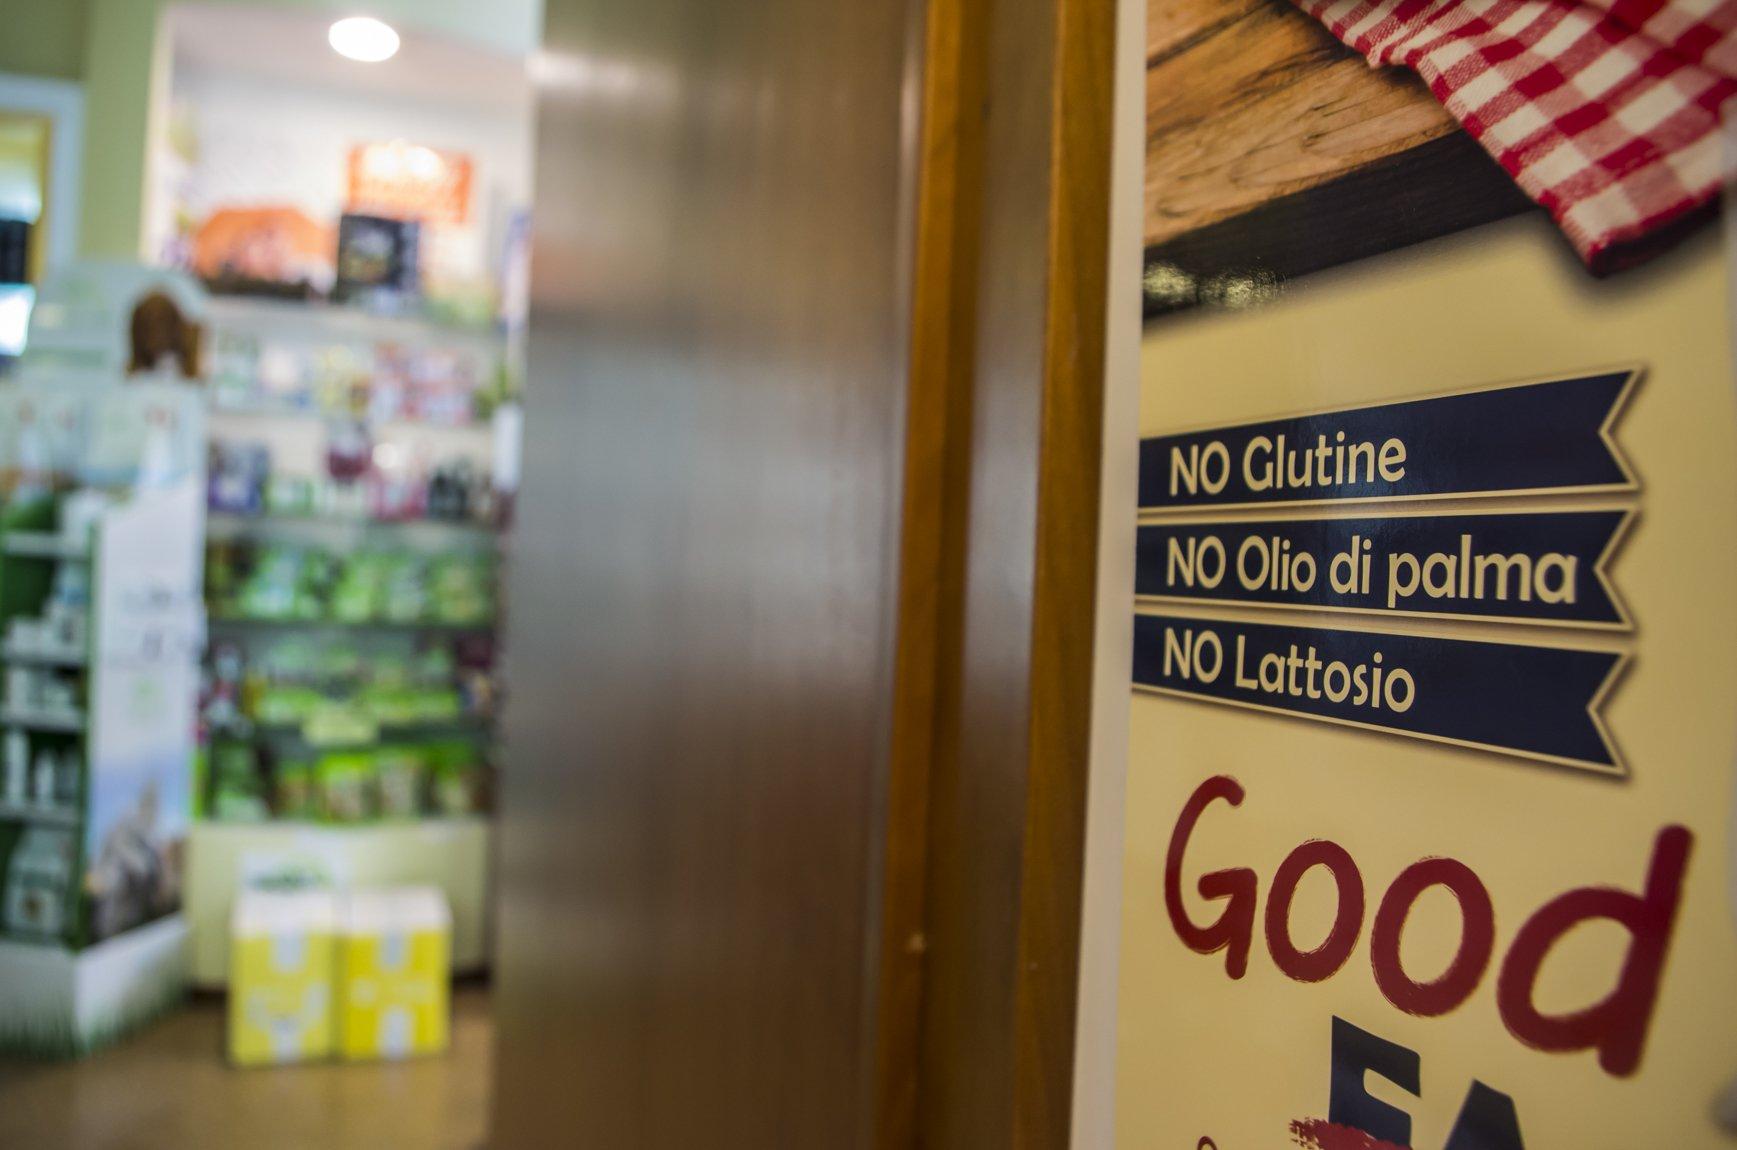 un cartello con scritto NO Glutine, No olio di palma e No lattosio